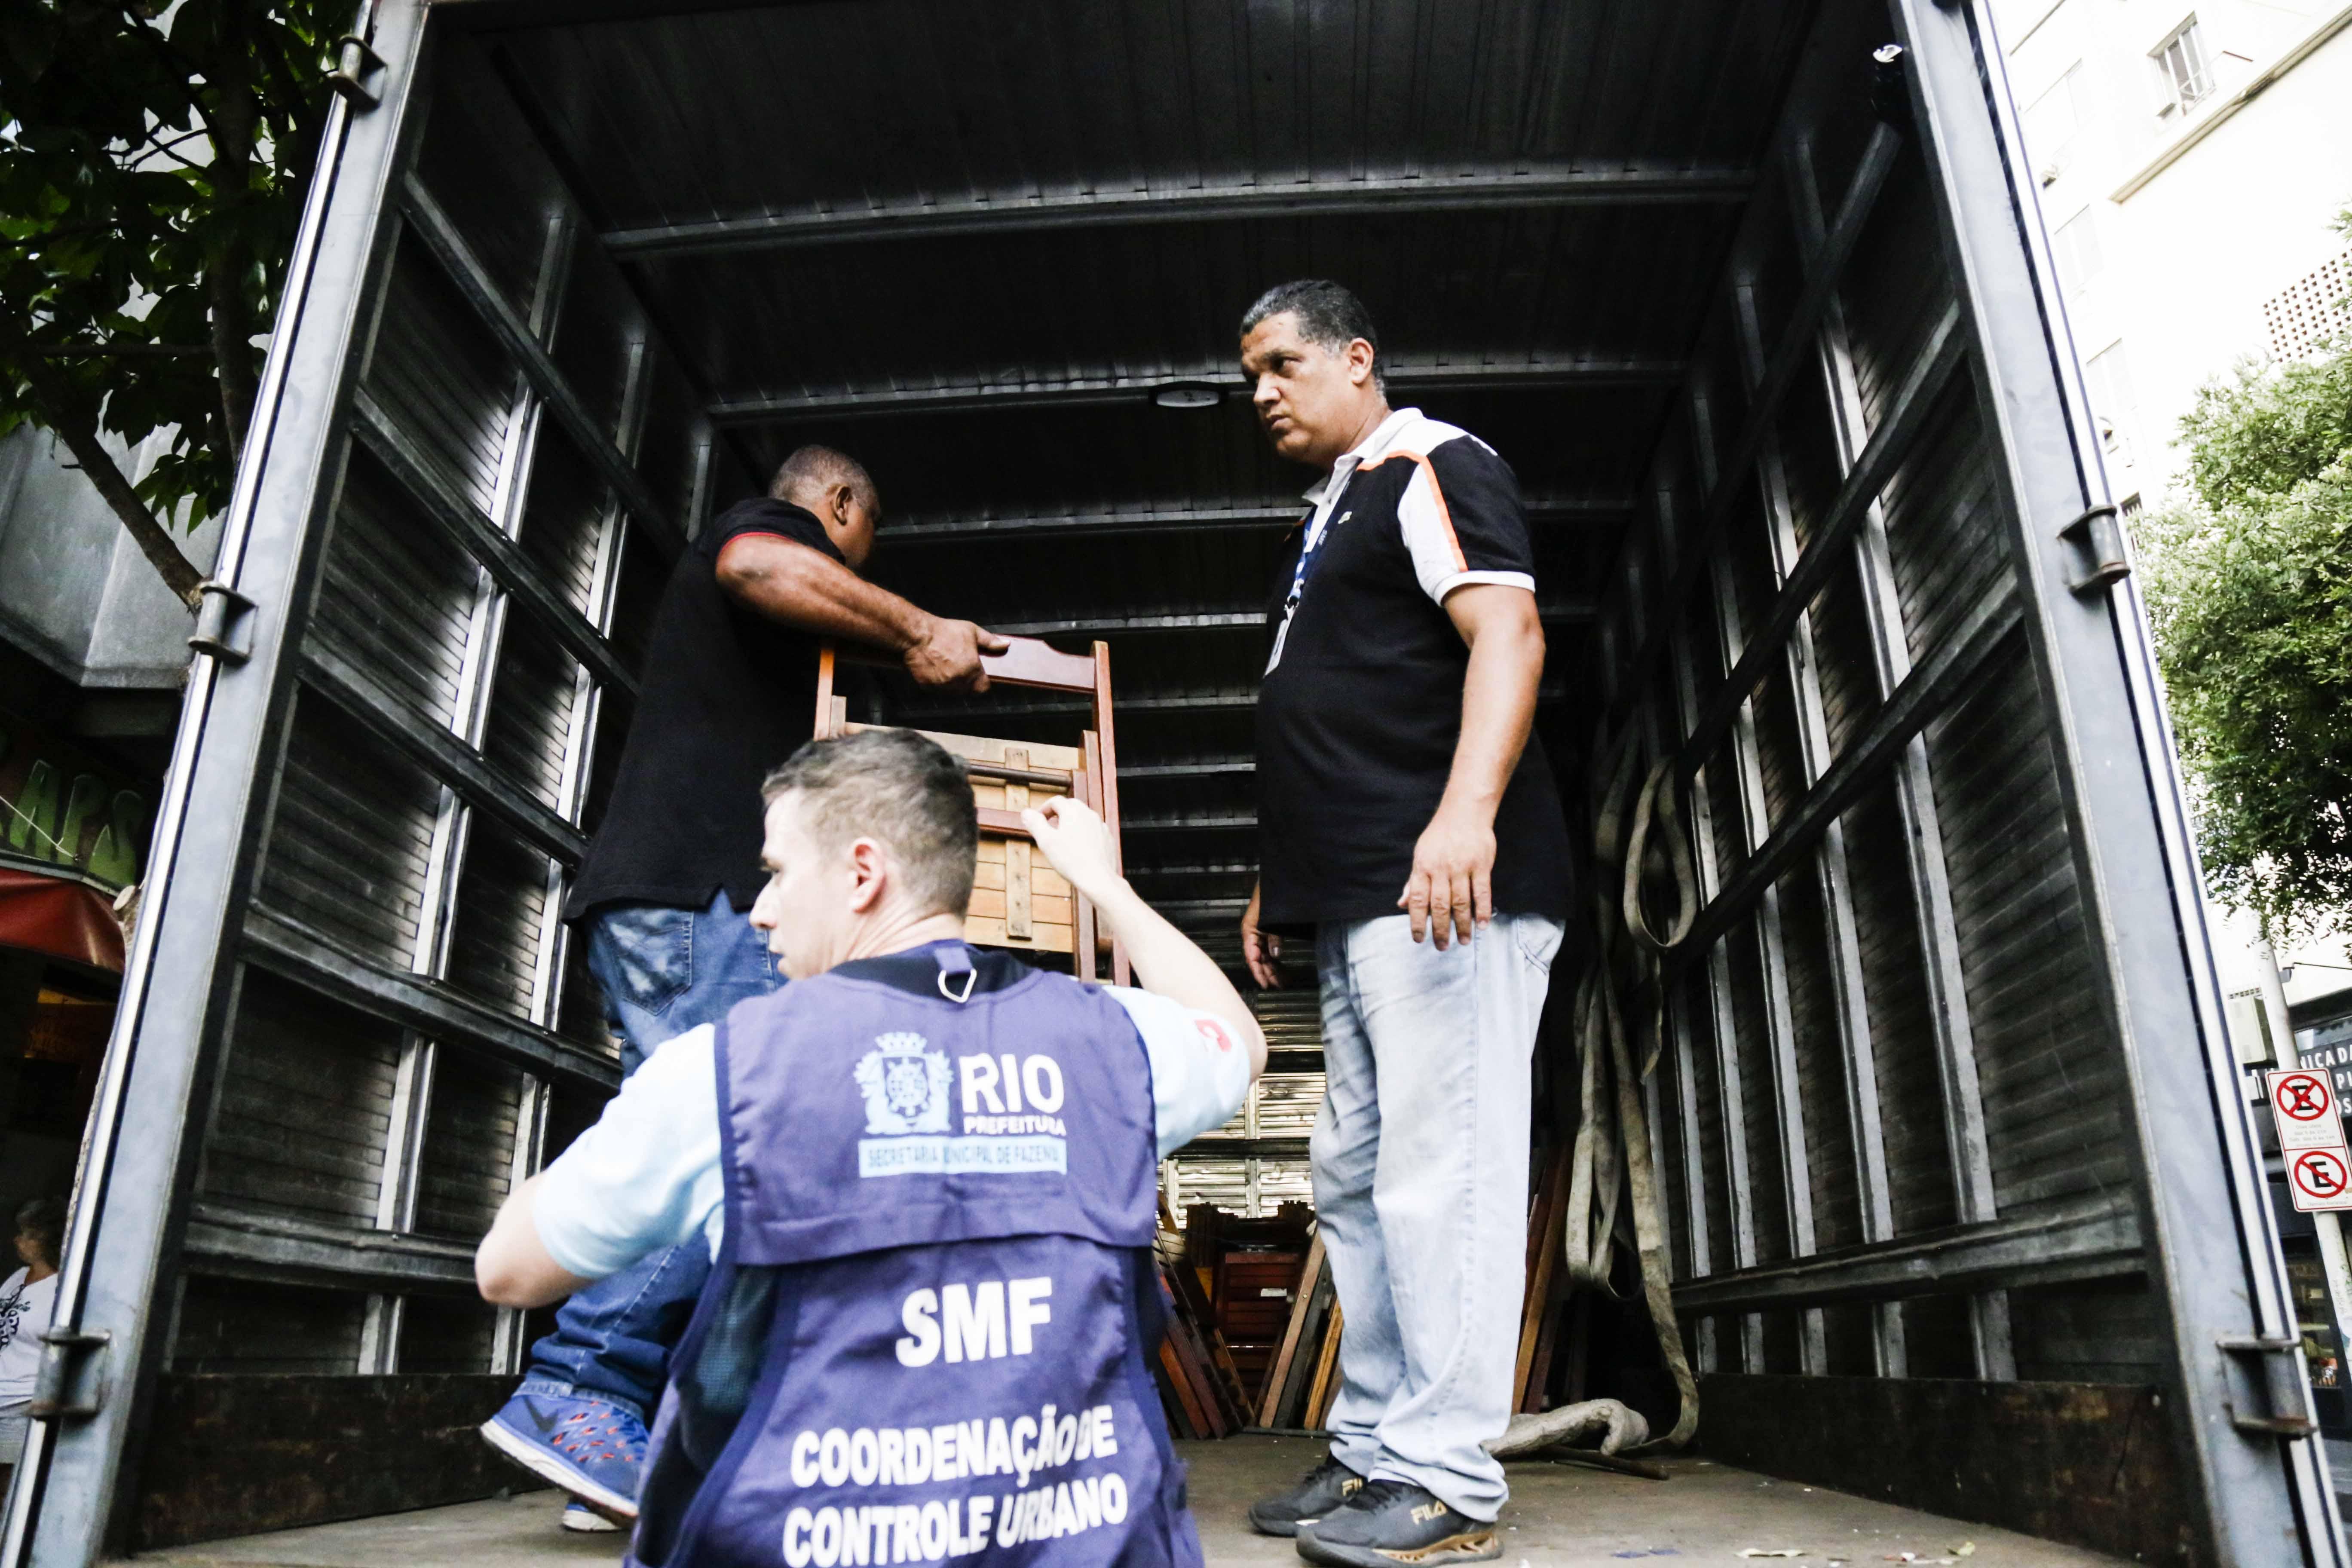 Prefeitura do Rio intensifica operações de ordenamento urbano